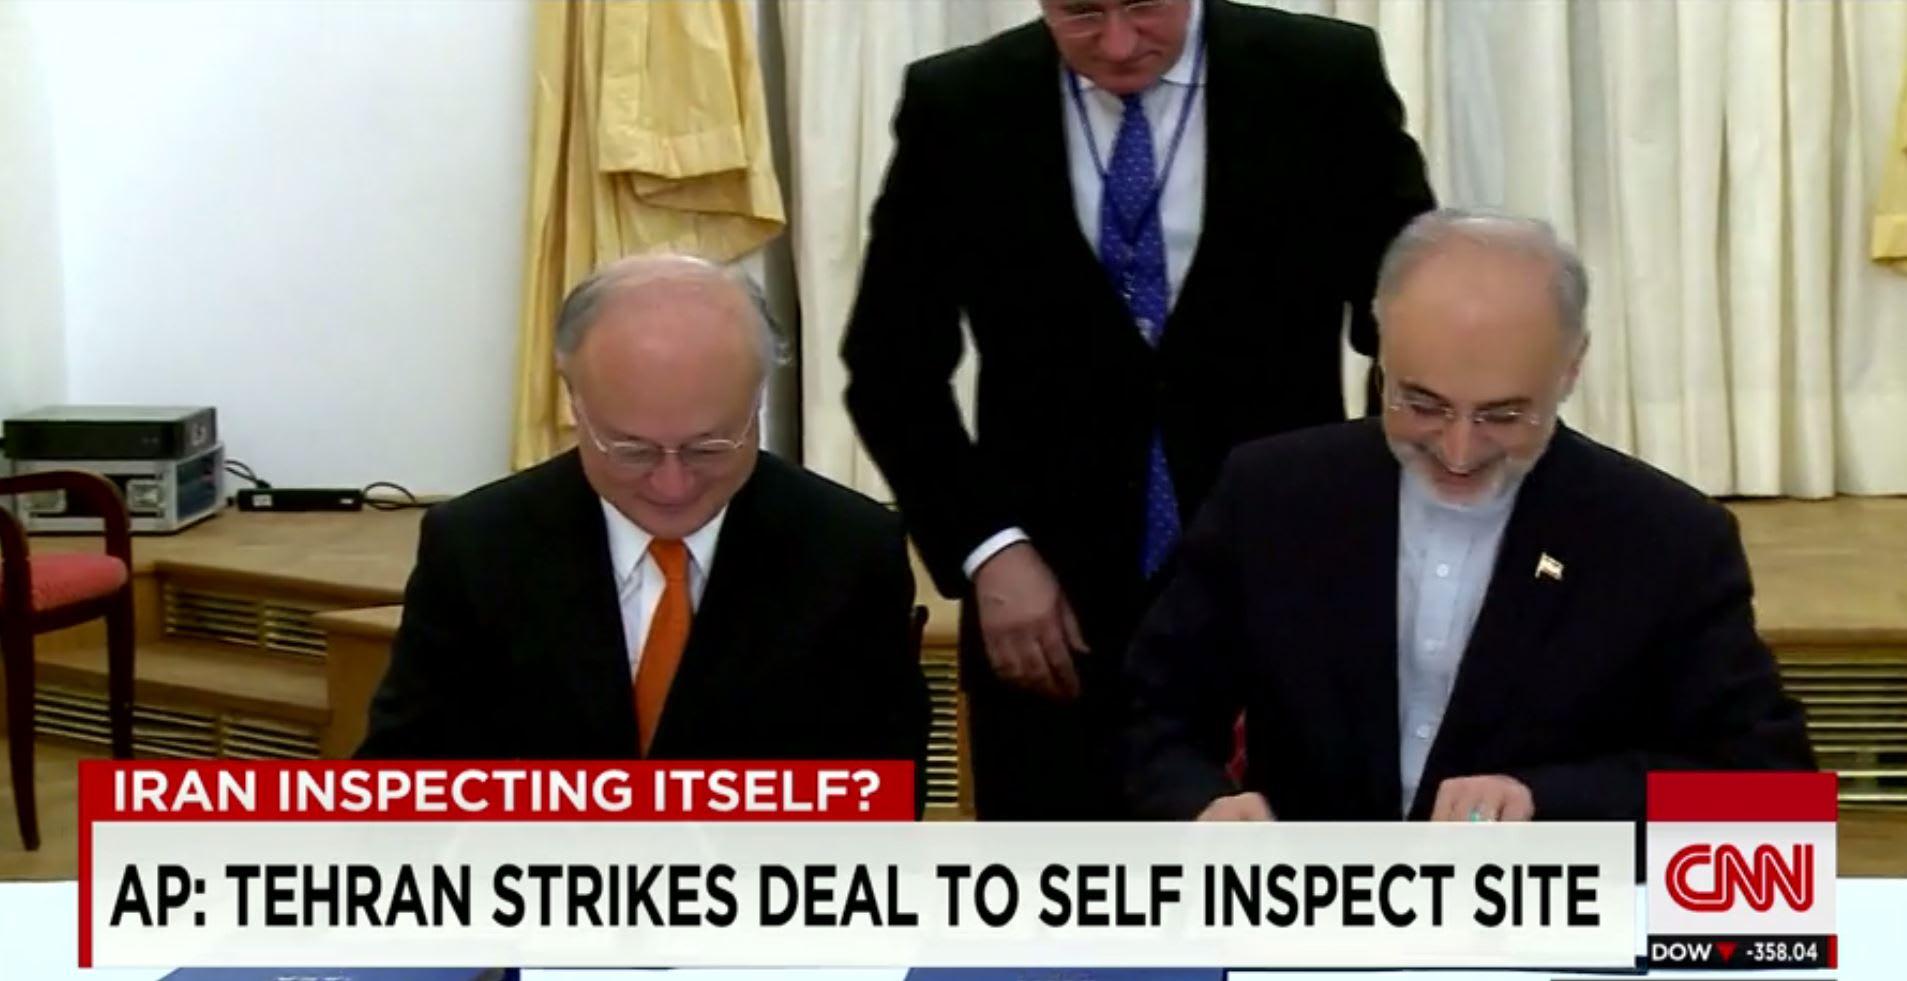 """جاء """"يوم اعتماد"""" الاتفاق النووي الإيراني... هل تعلم ما يعنيه ذلك؟"""